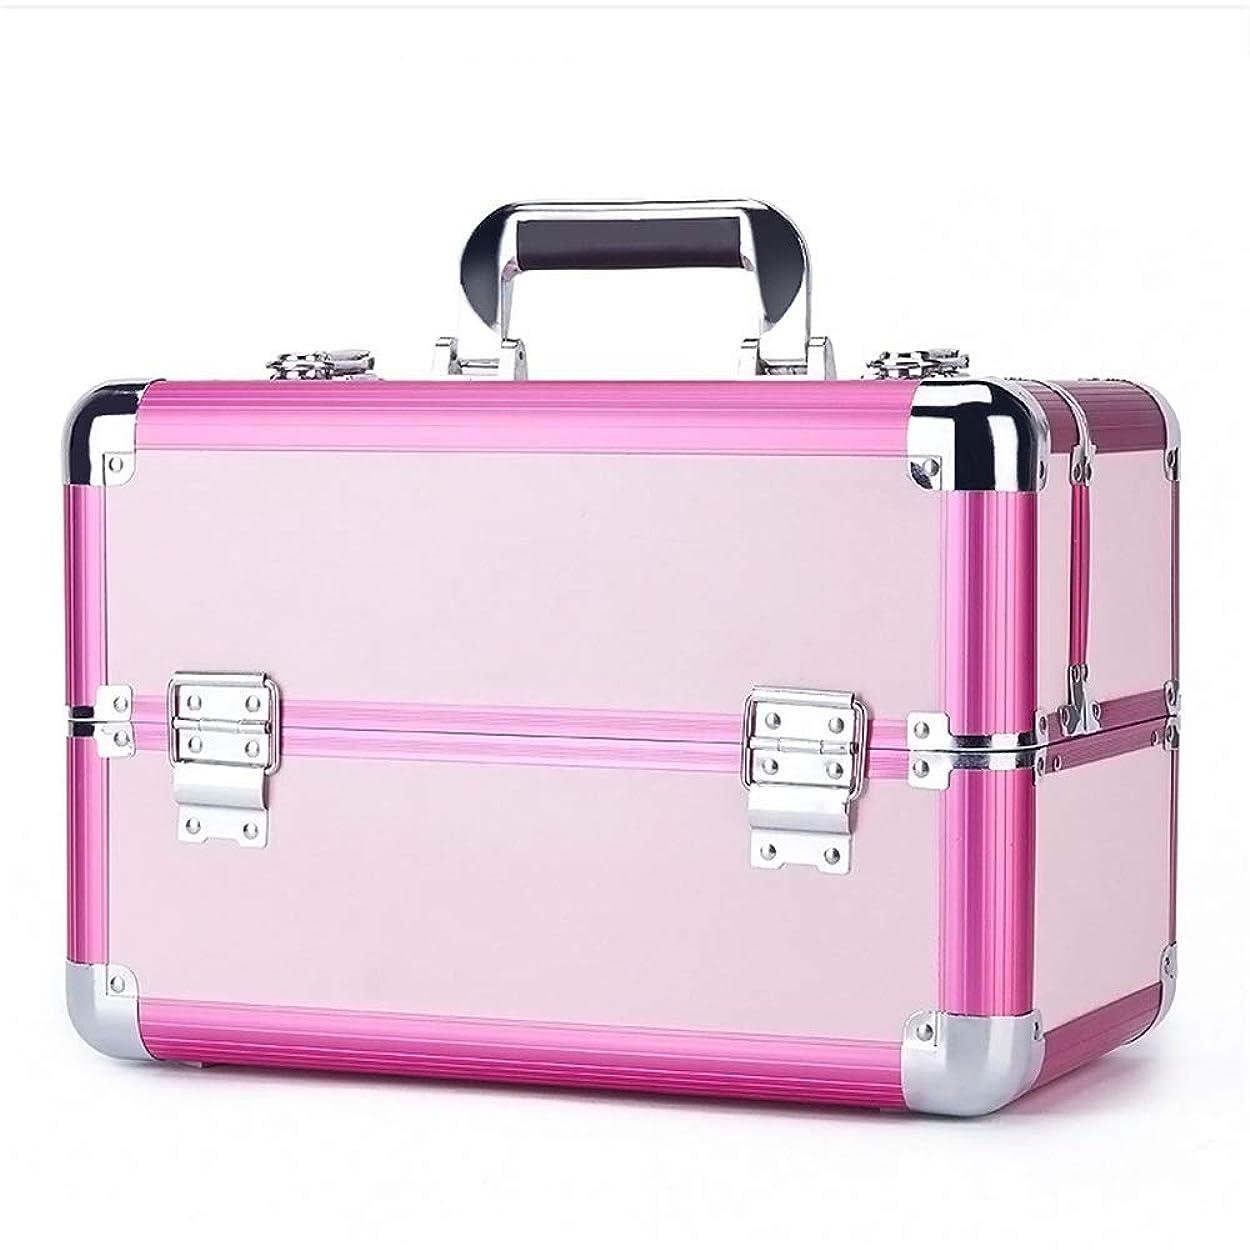 わな敗北投票化粧オーガナイザーバッグ 旅行メイクアップバッグパターンメイクアップアーティストケーストレインボックス化粧品オーガナイザー収納用十代の女の子女性アーティスト 化粧品ケース (色 : ピンク)